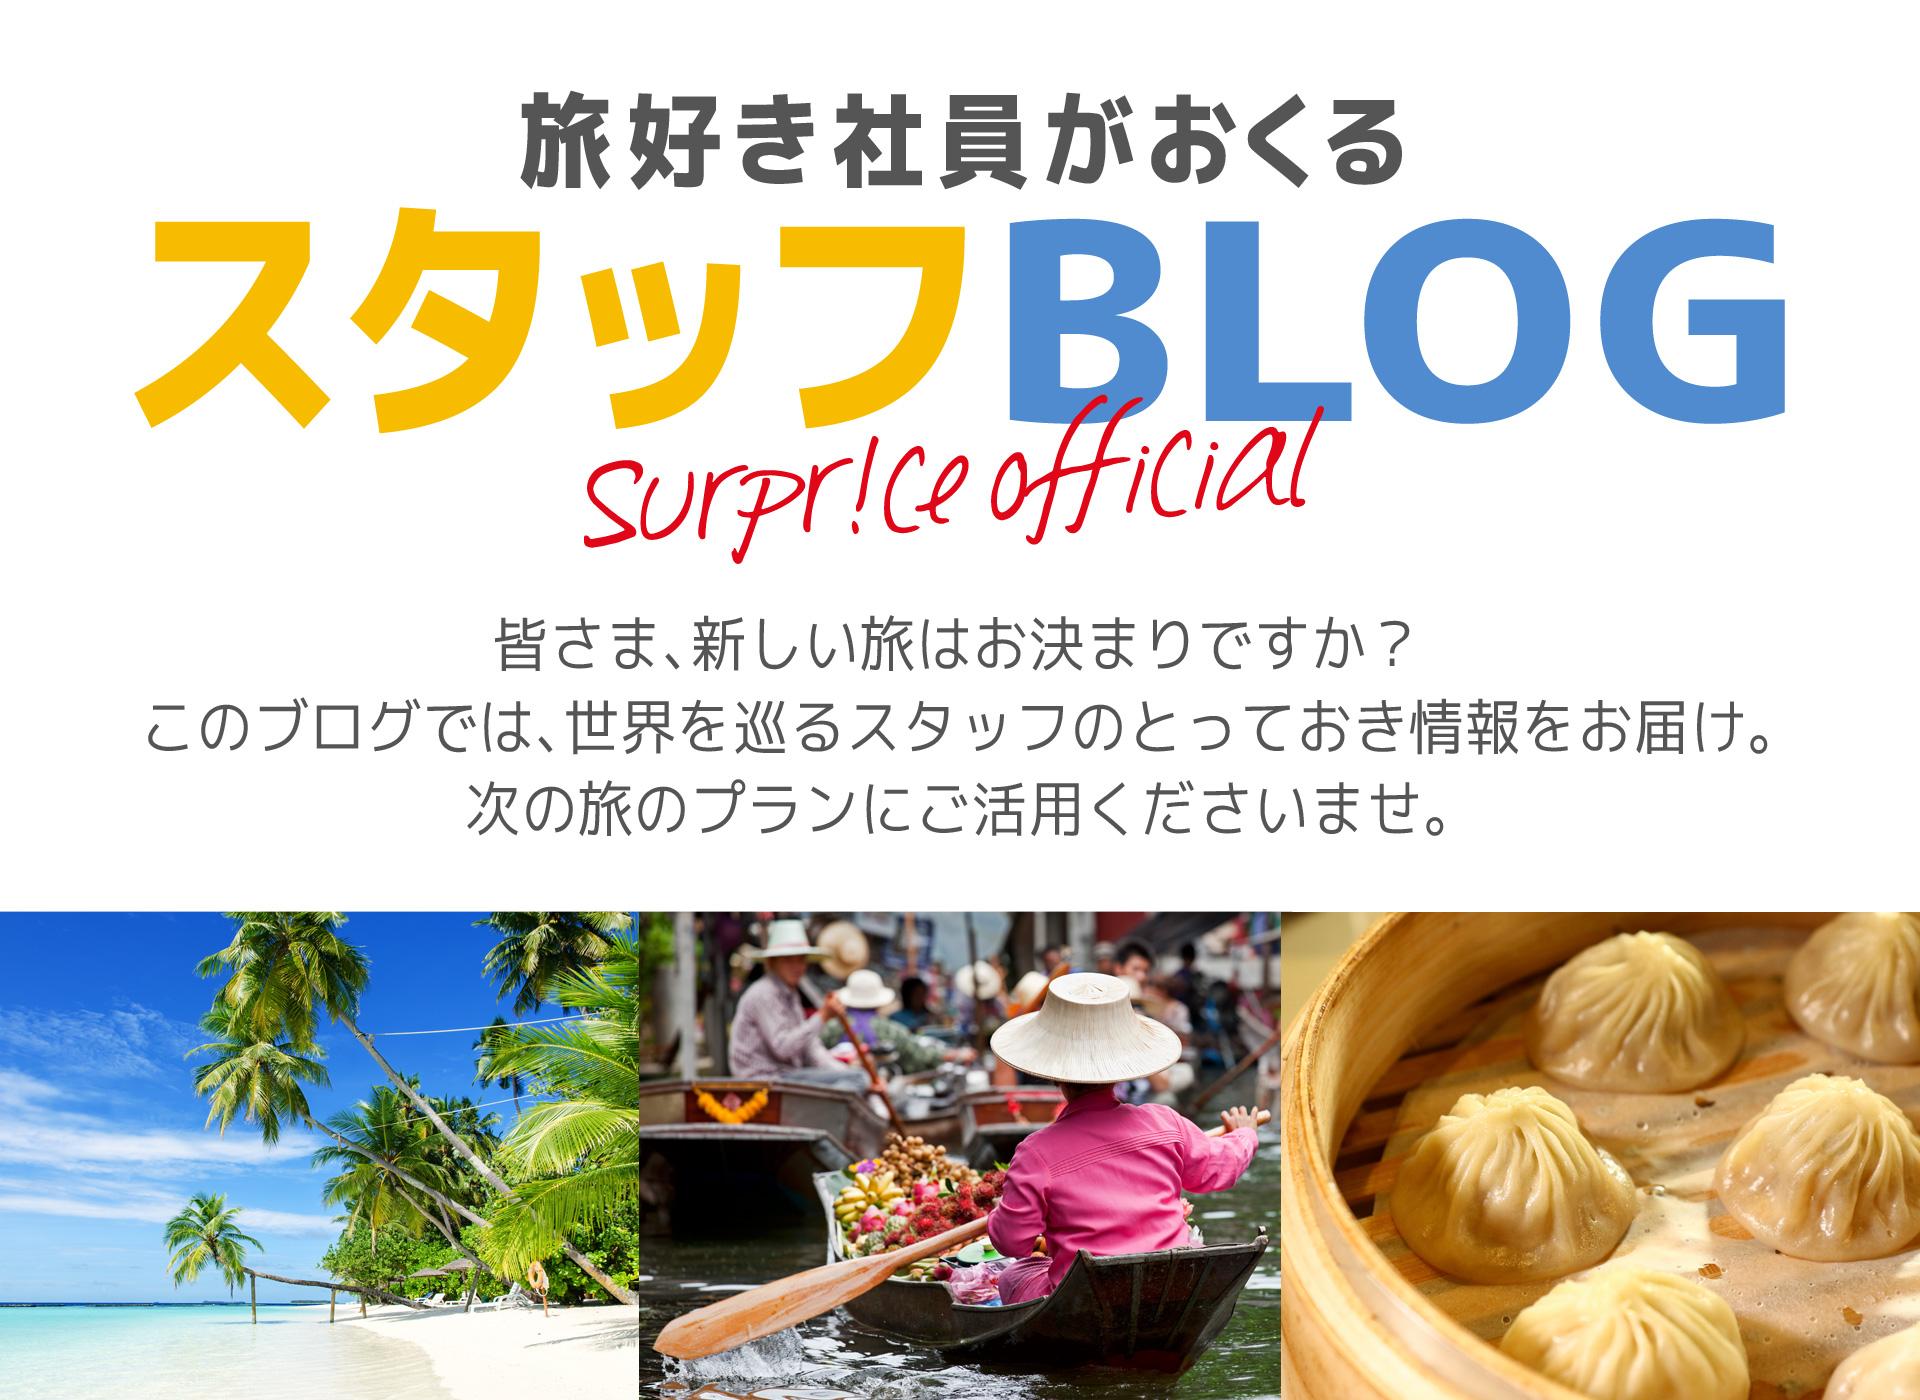 【サプライス スタッフBLOG】世界を巡る旅ブログ